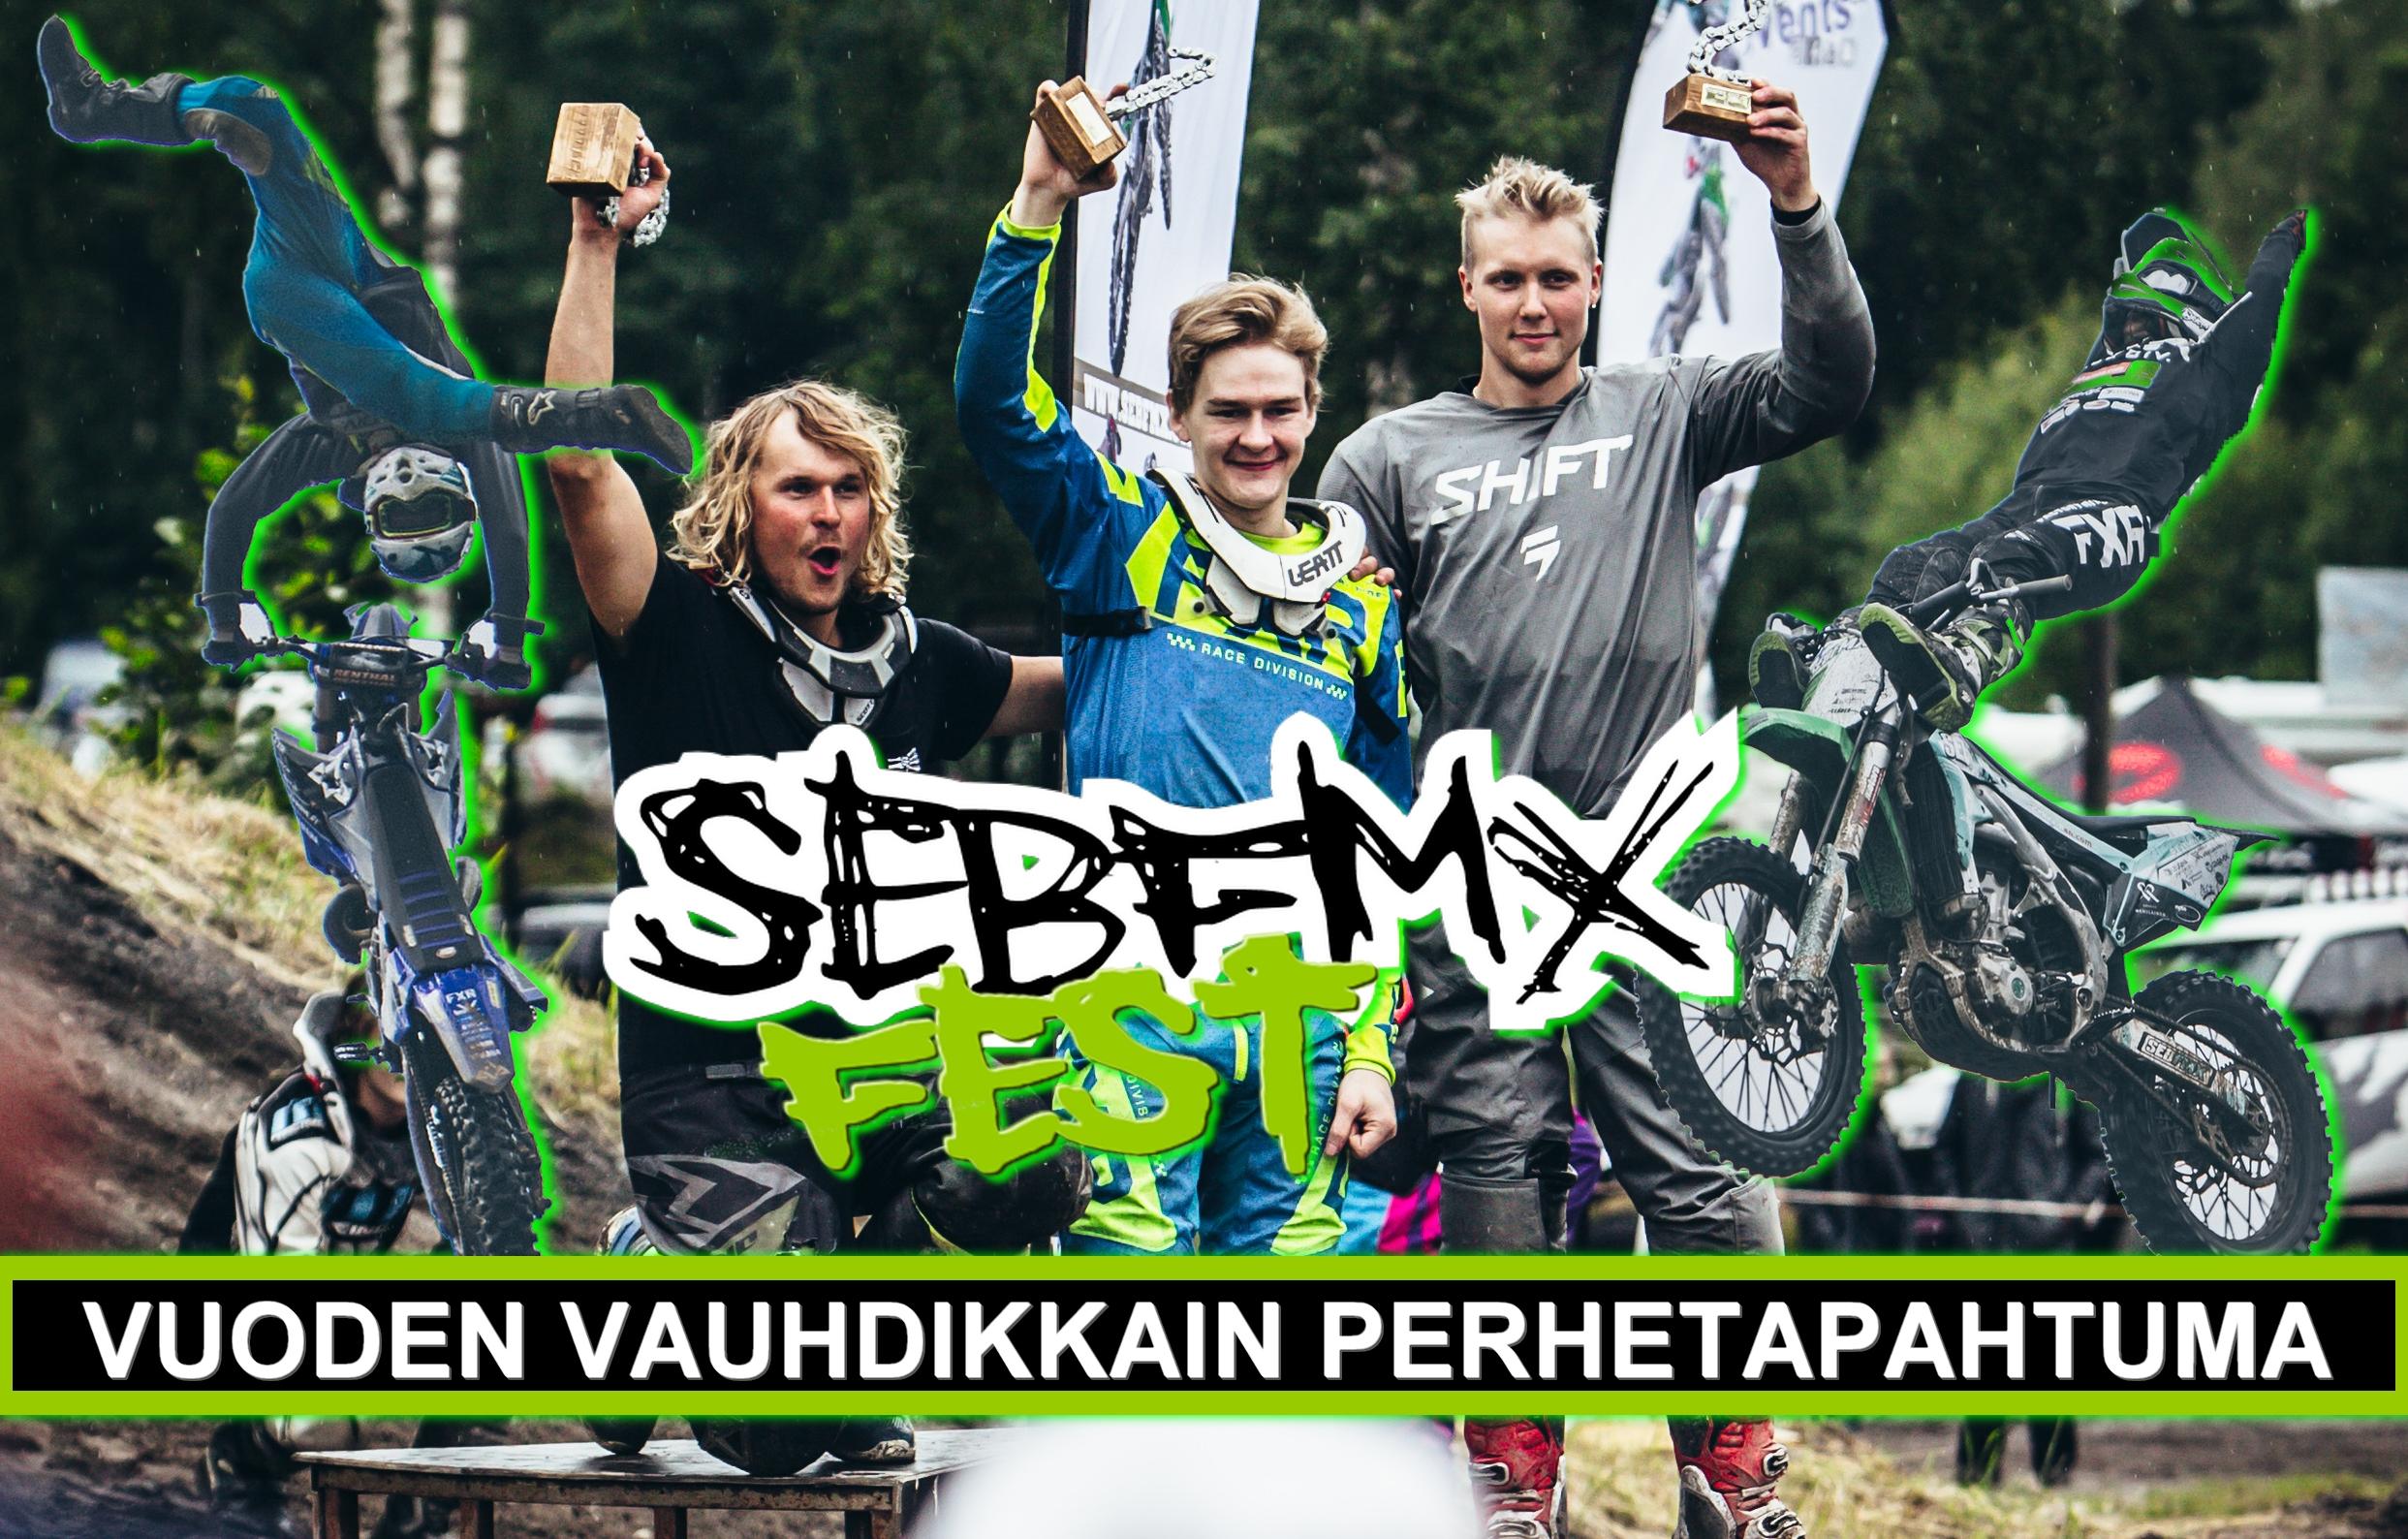 Sebfmx